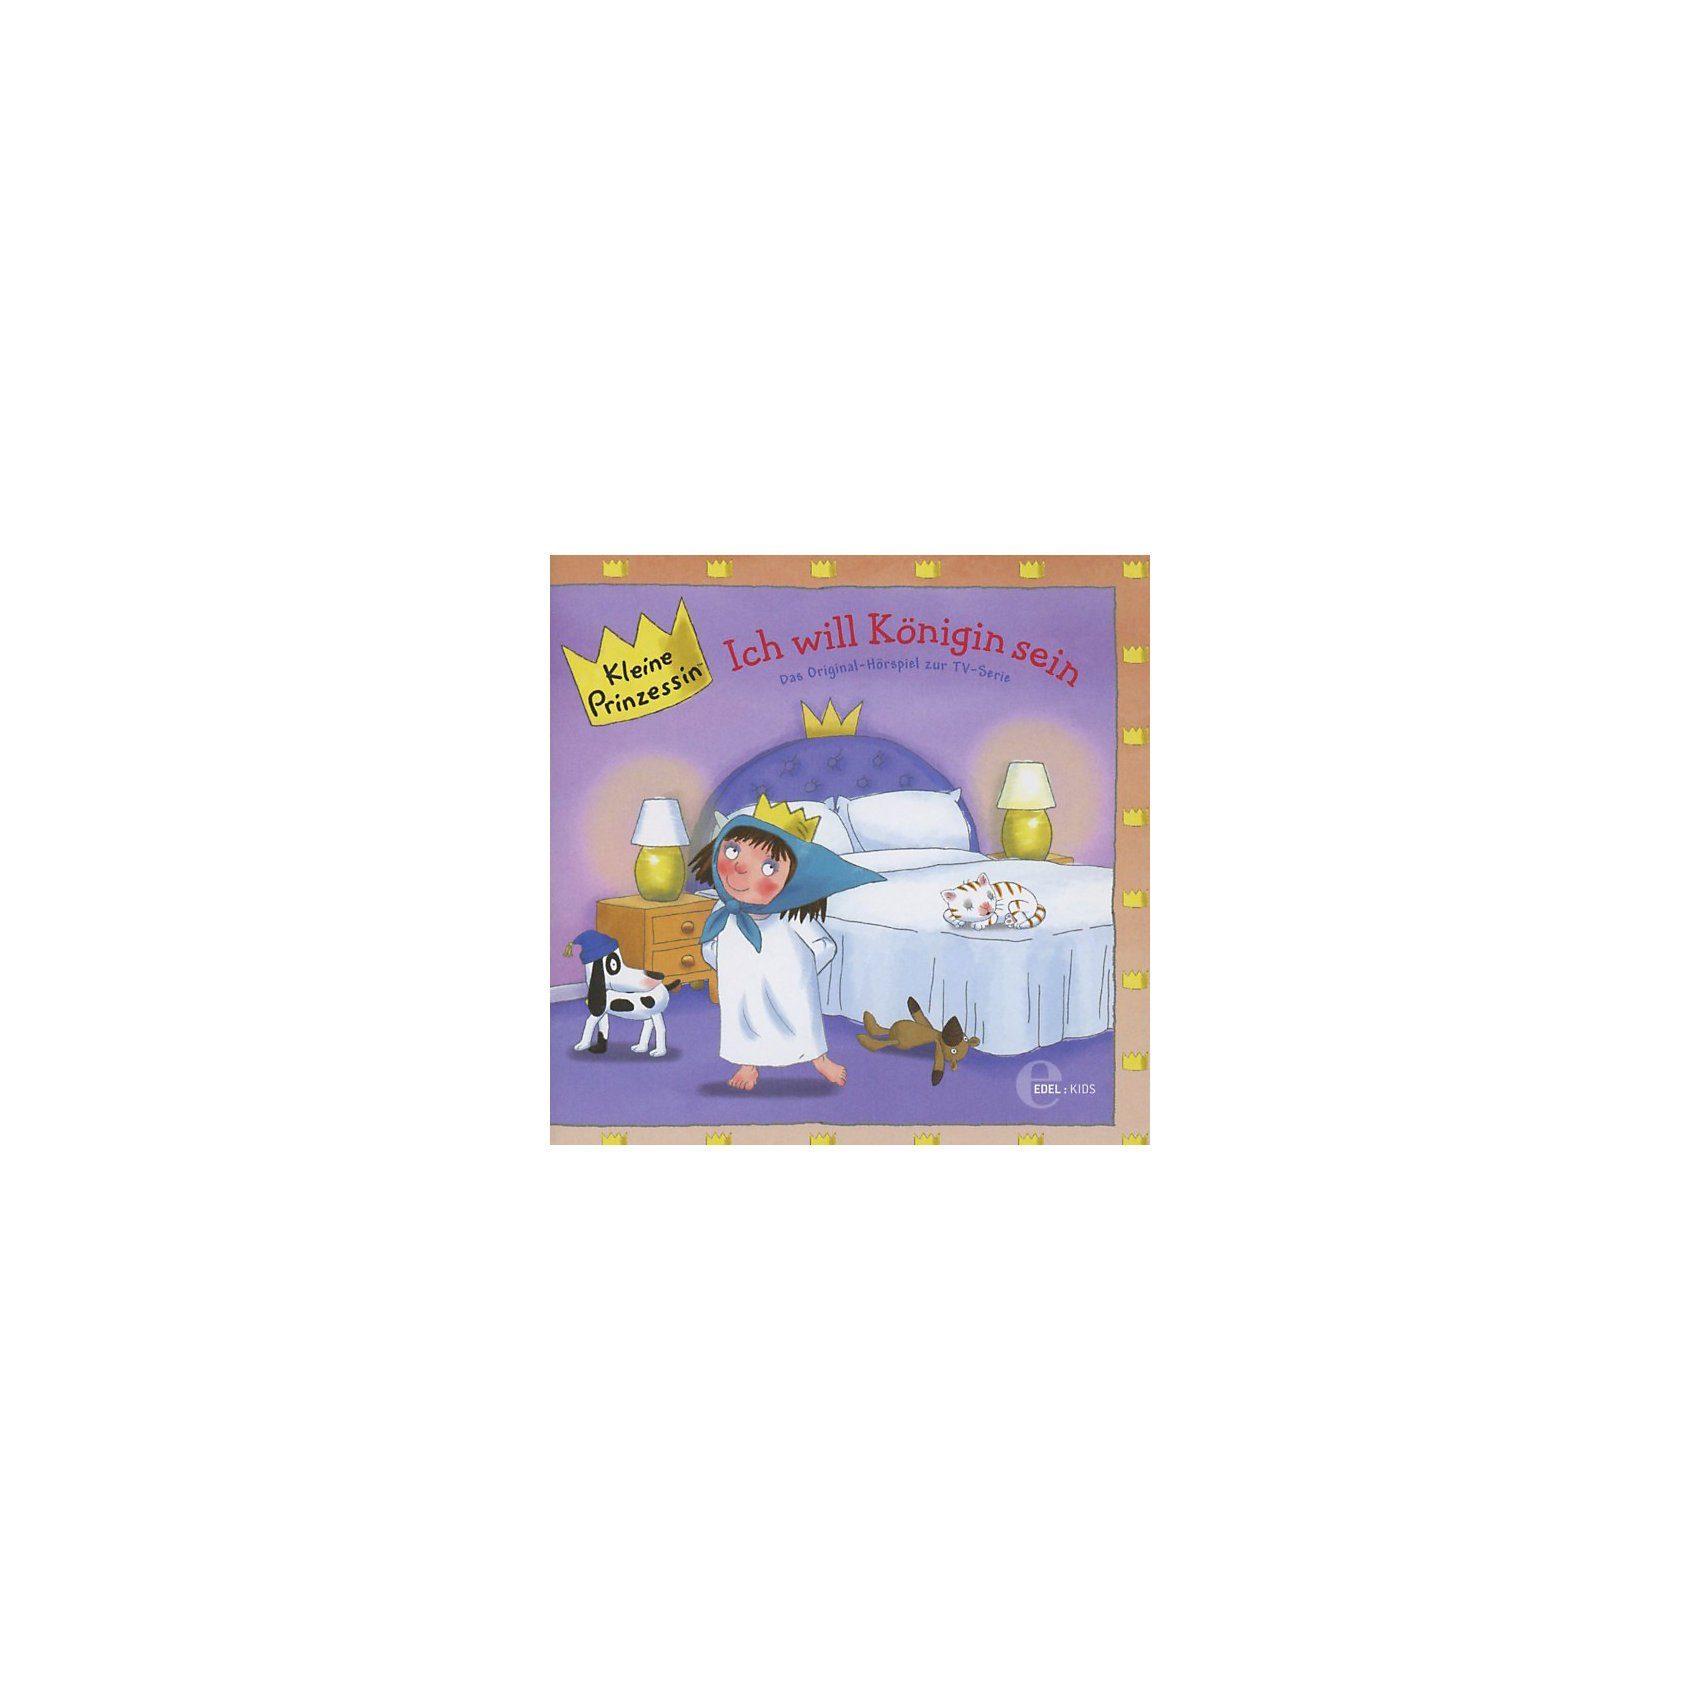 Edel CD Kleine Prinzessin 12 - Ich will Königin sein